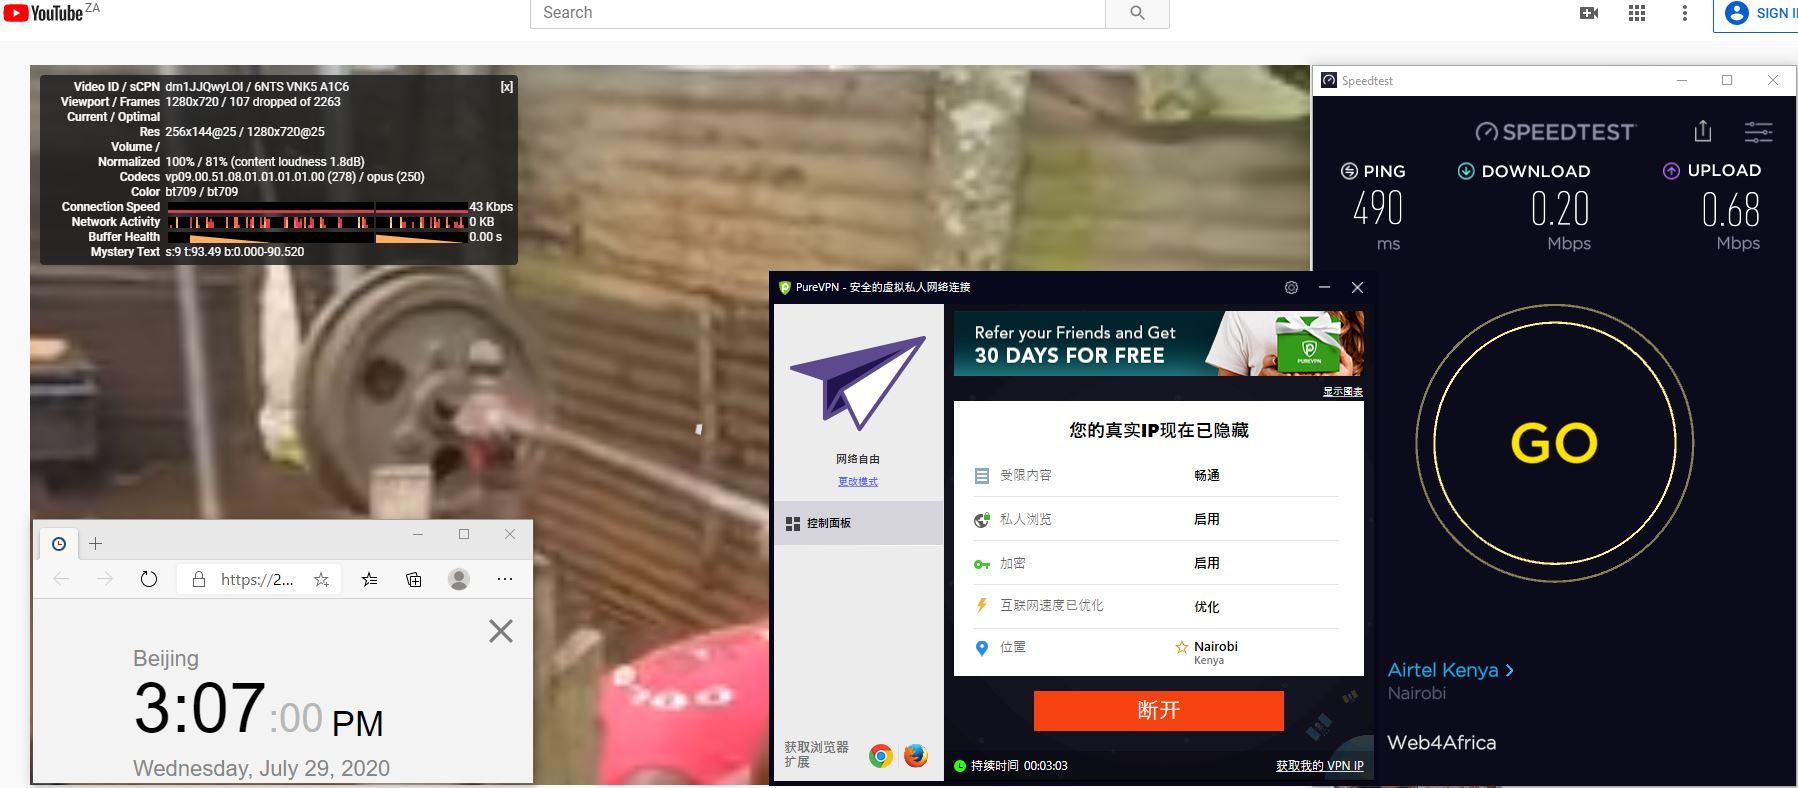 Windows10 PureVPN Kenya 中国VPN 翻墙 科学上网 测速-20200729